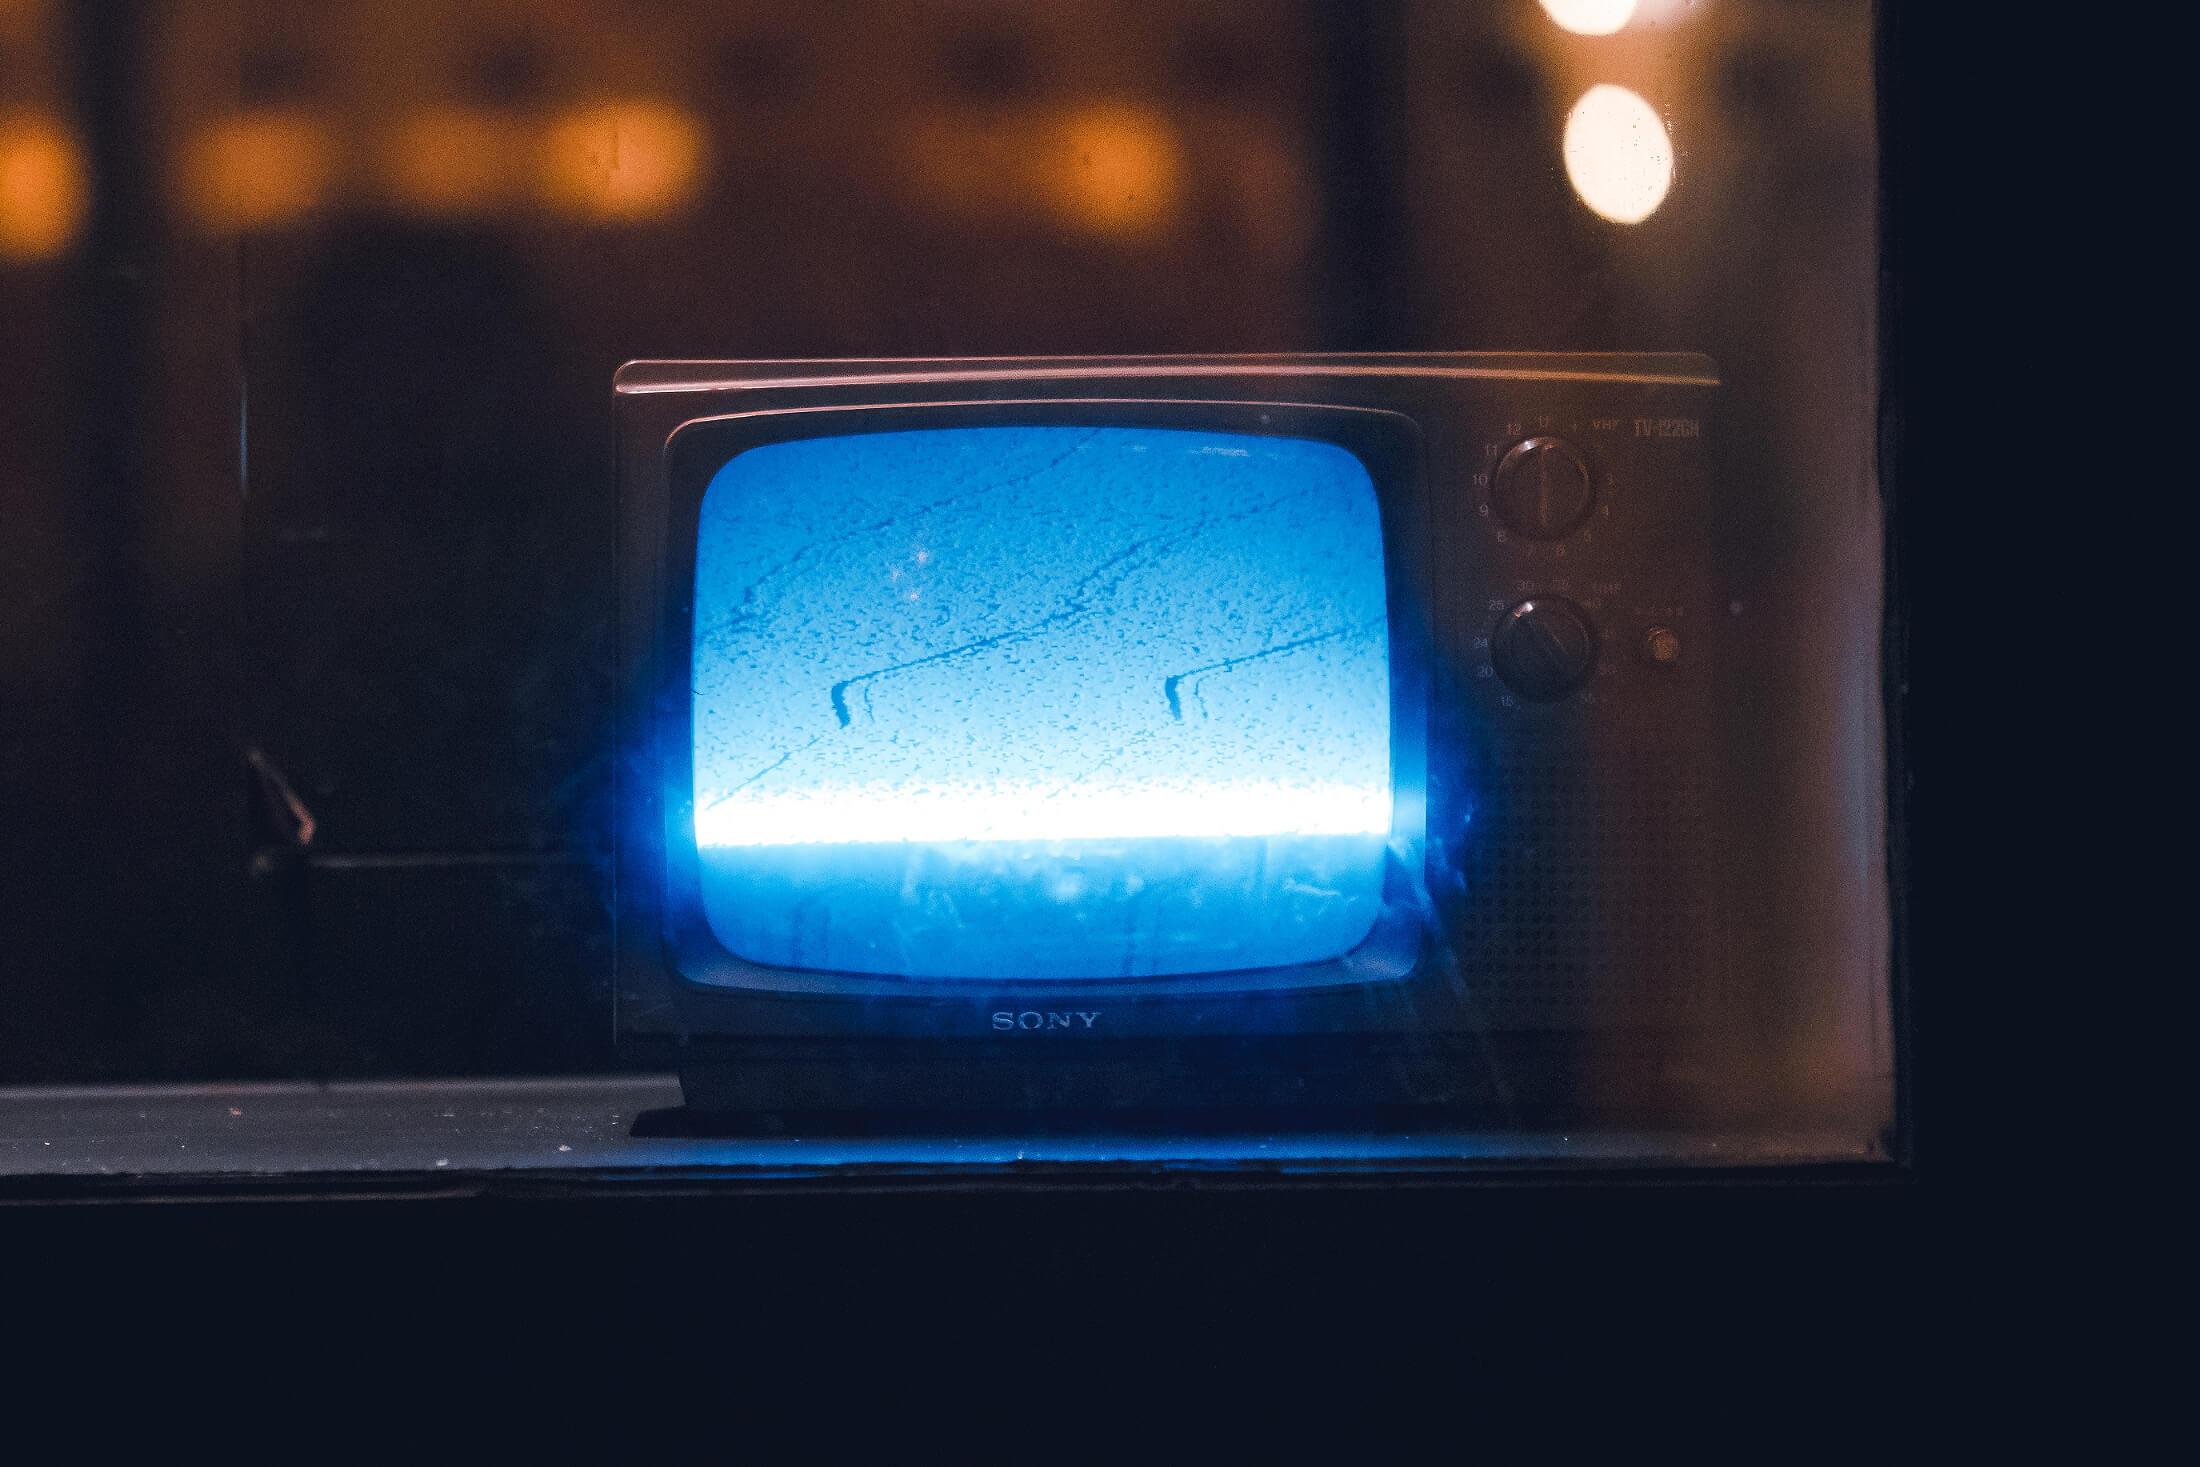 синий свет от экрана